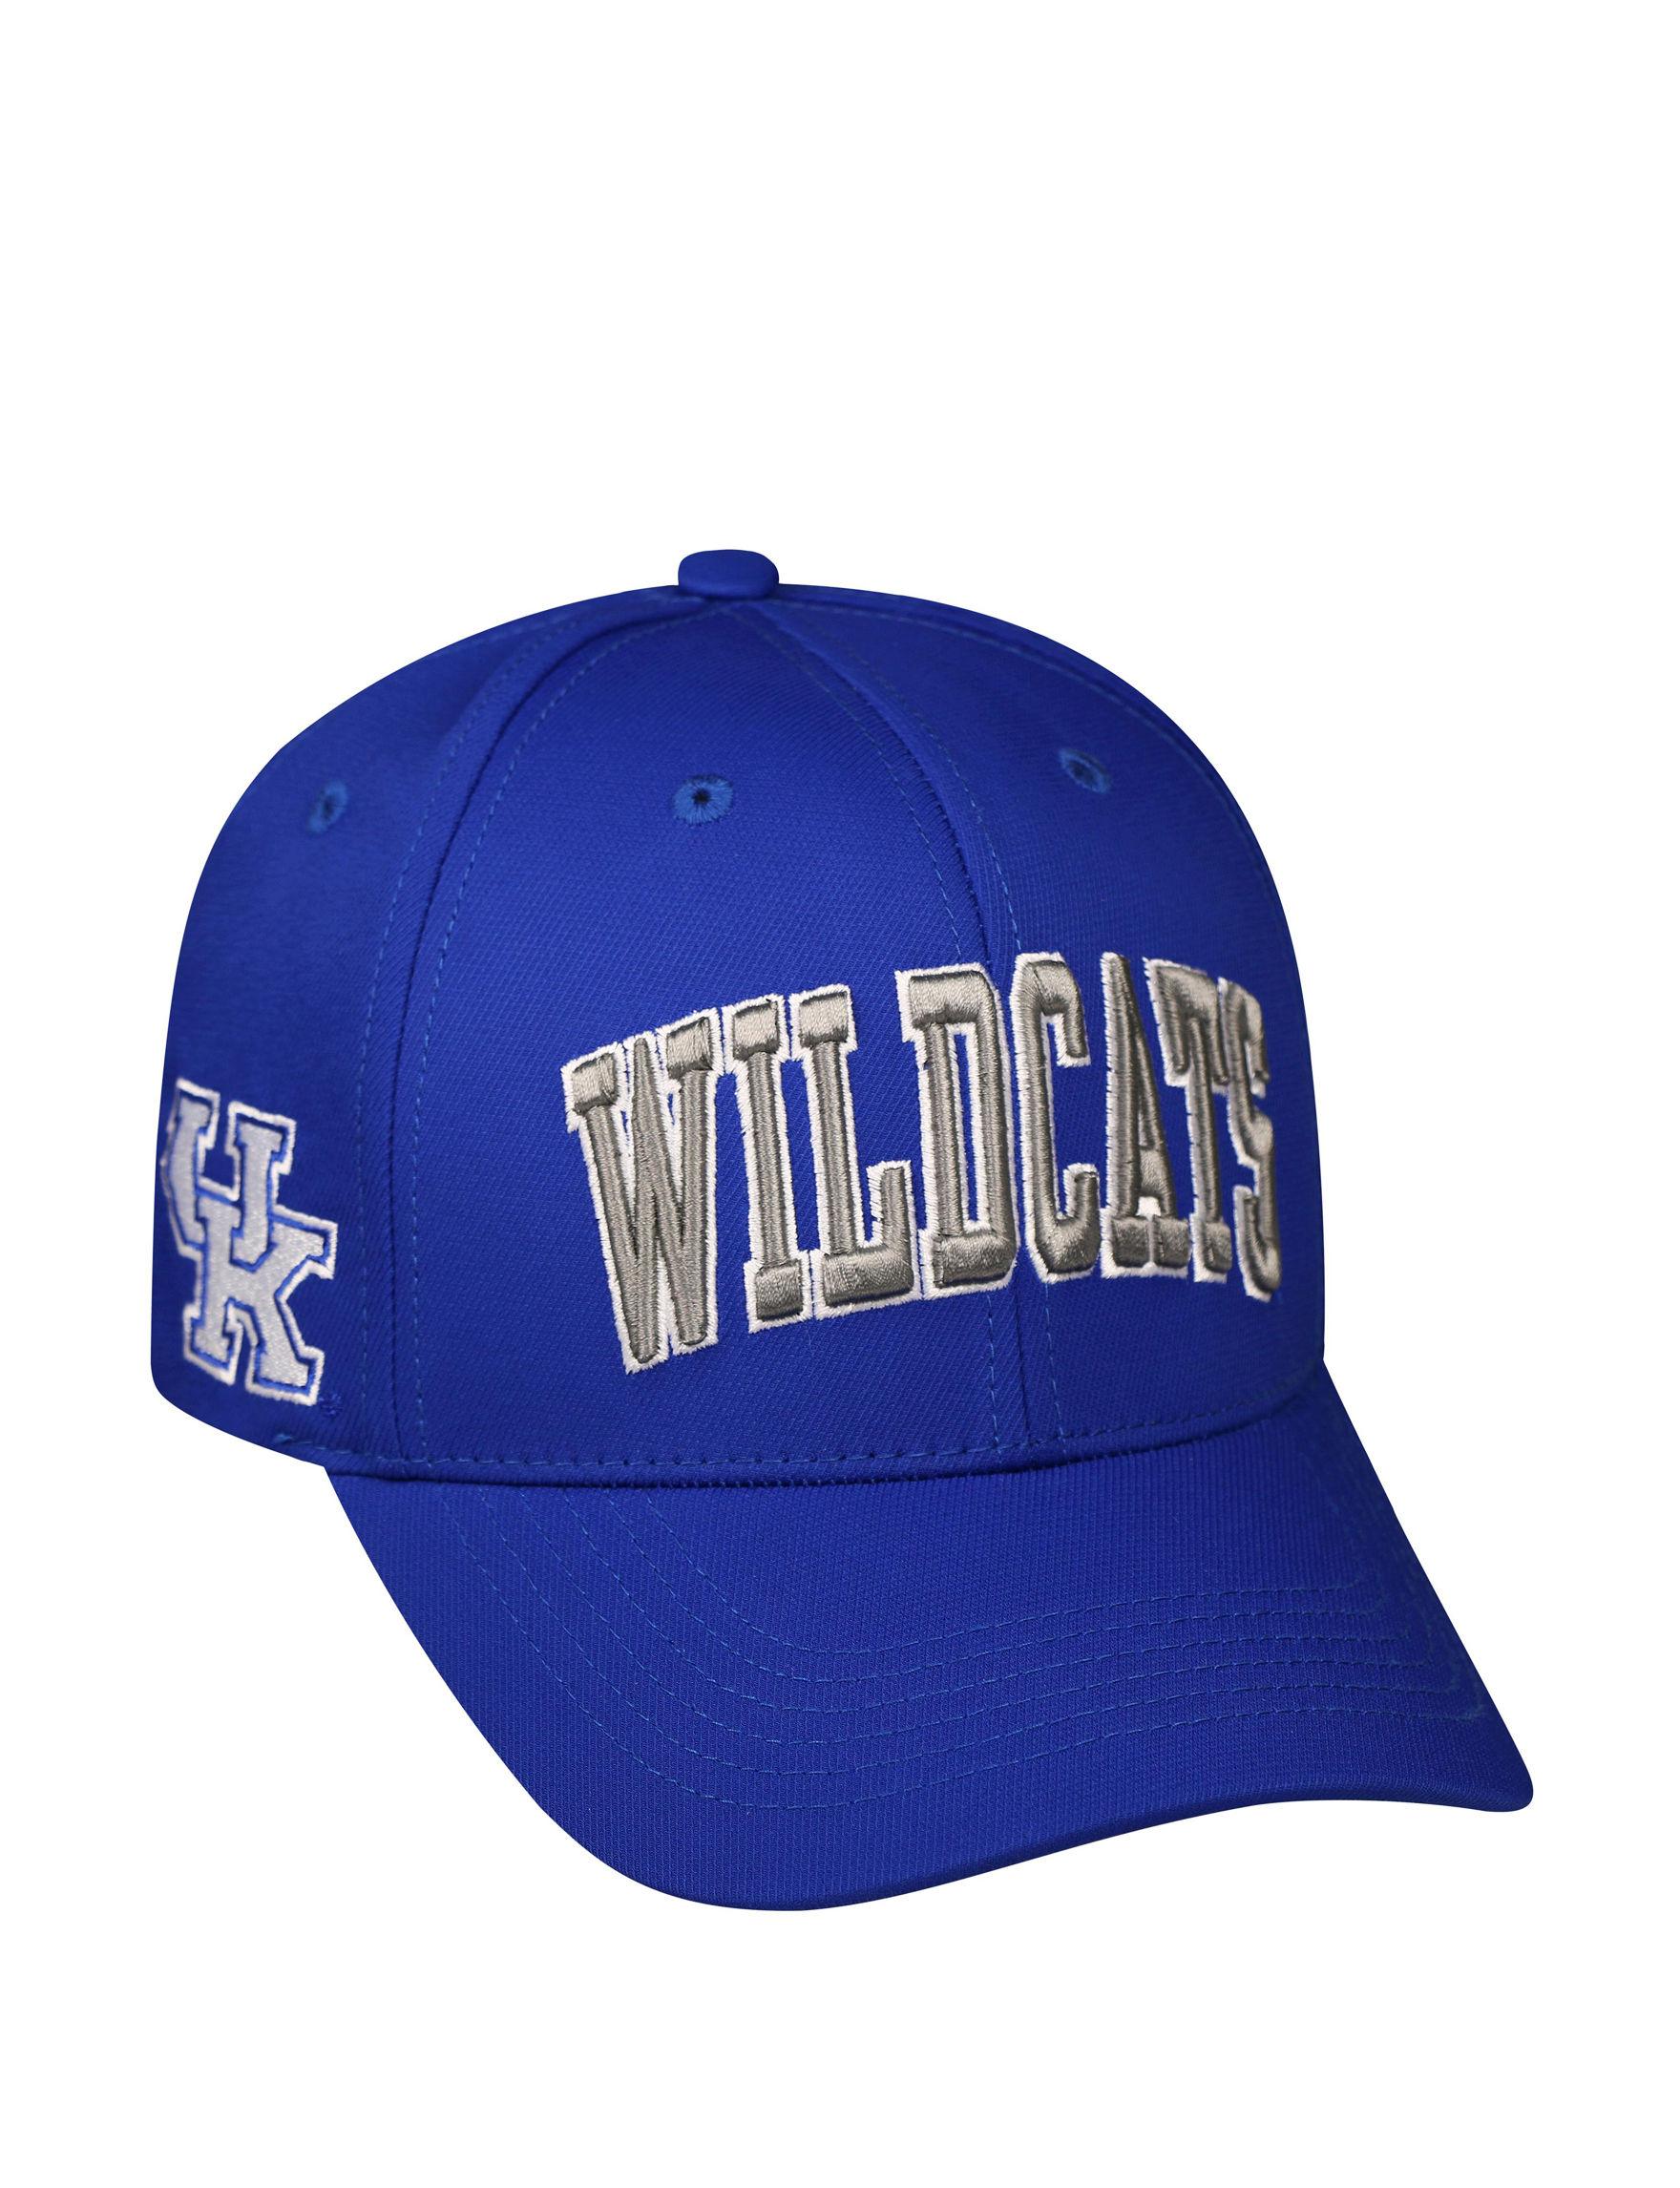 NCAA Royal Blue